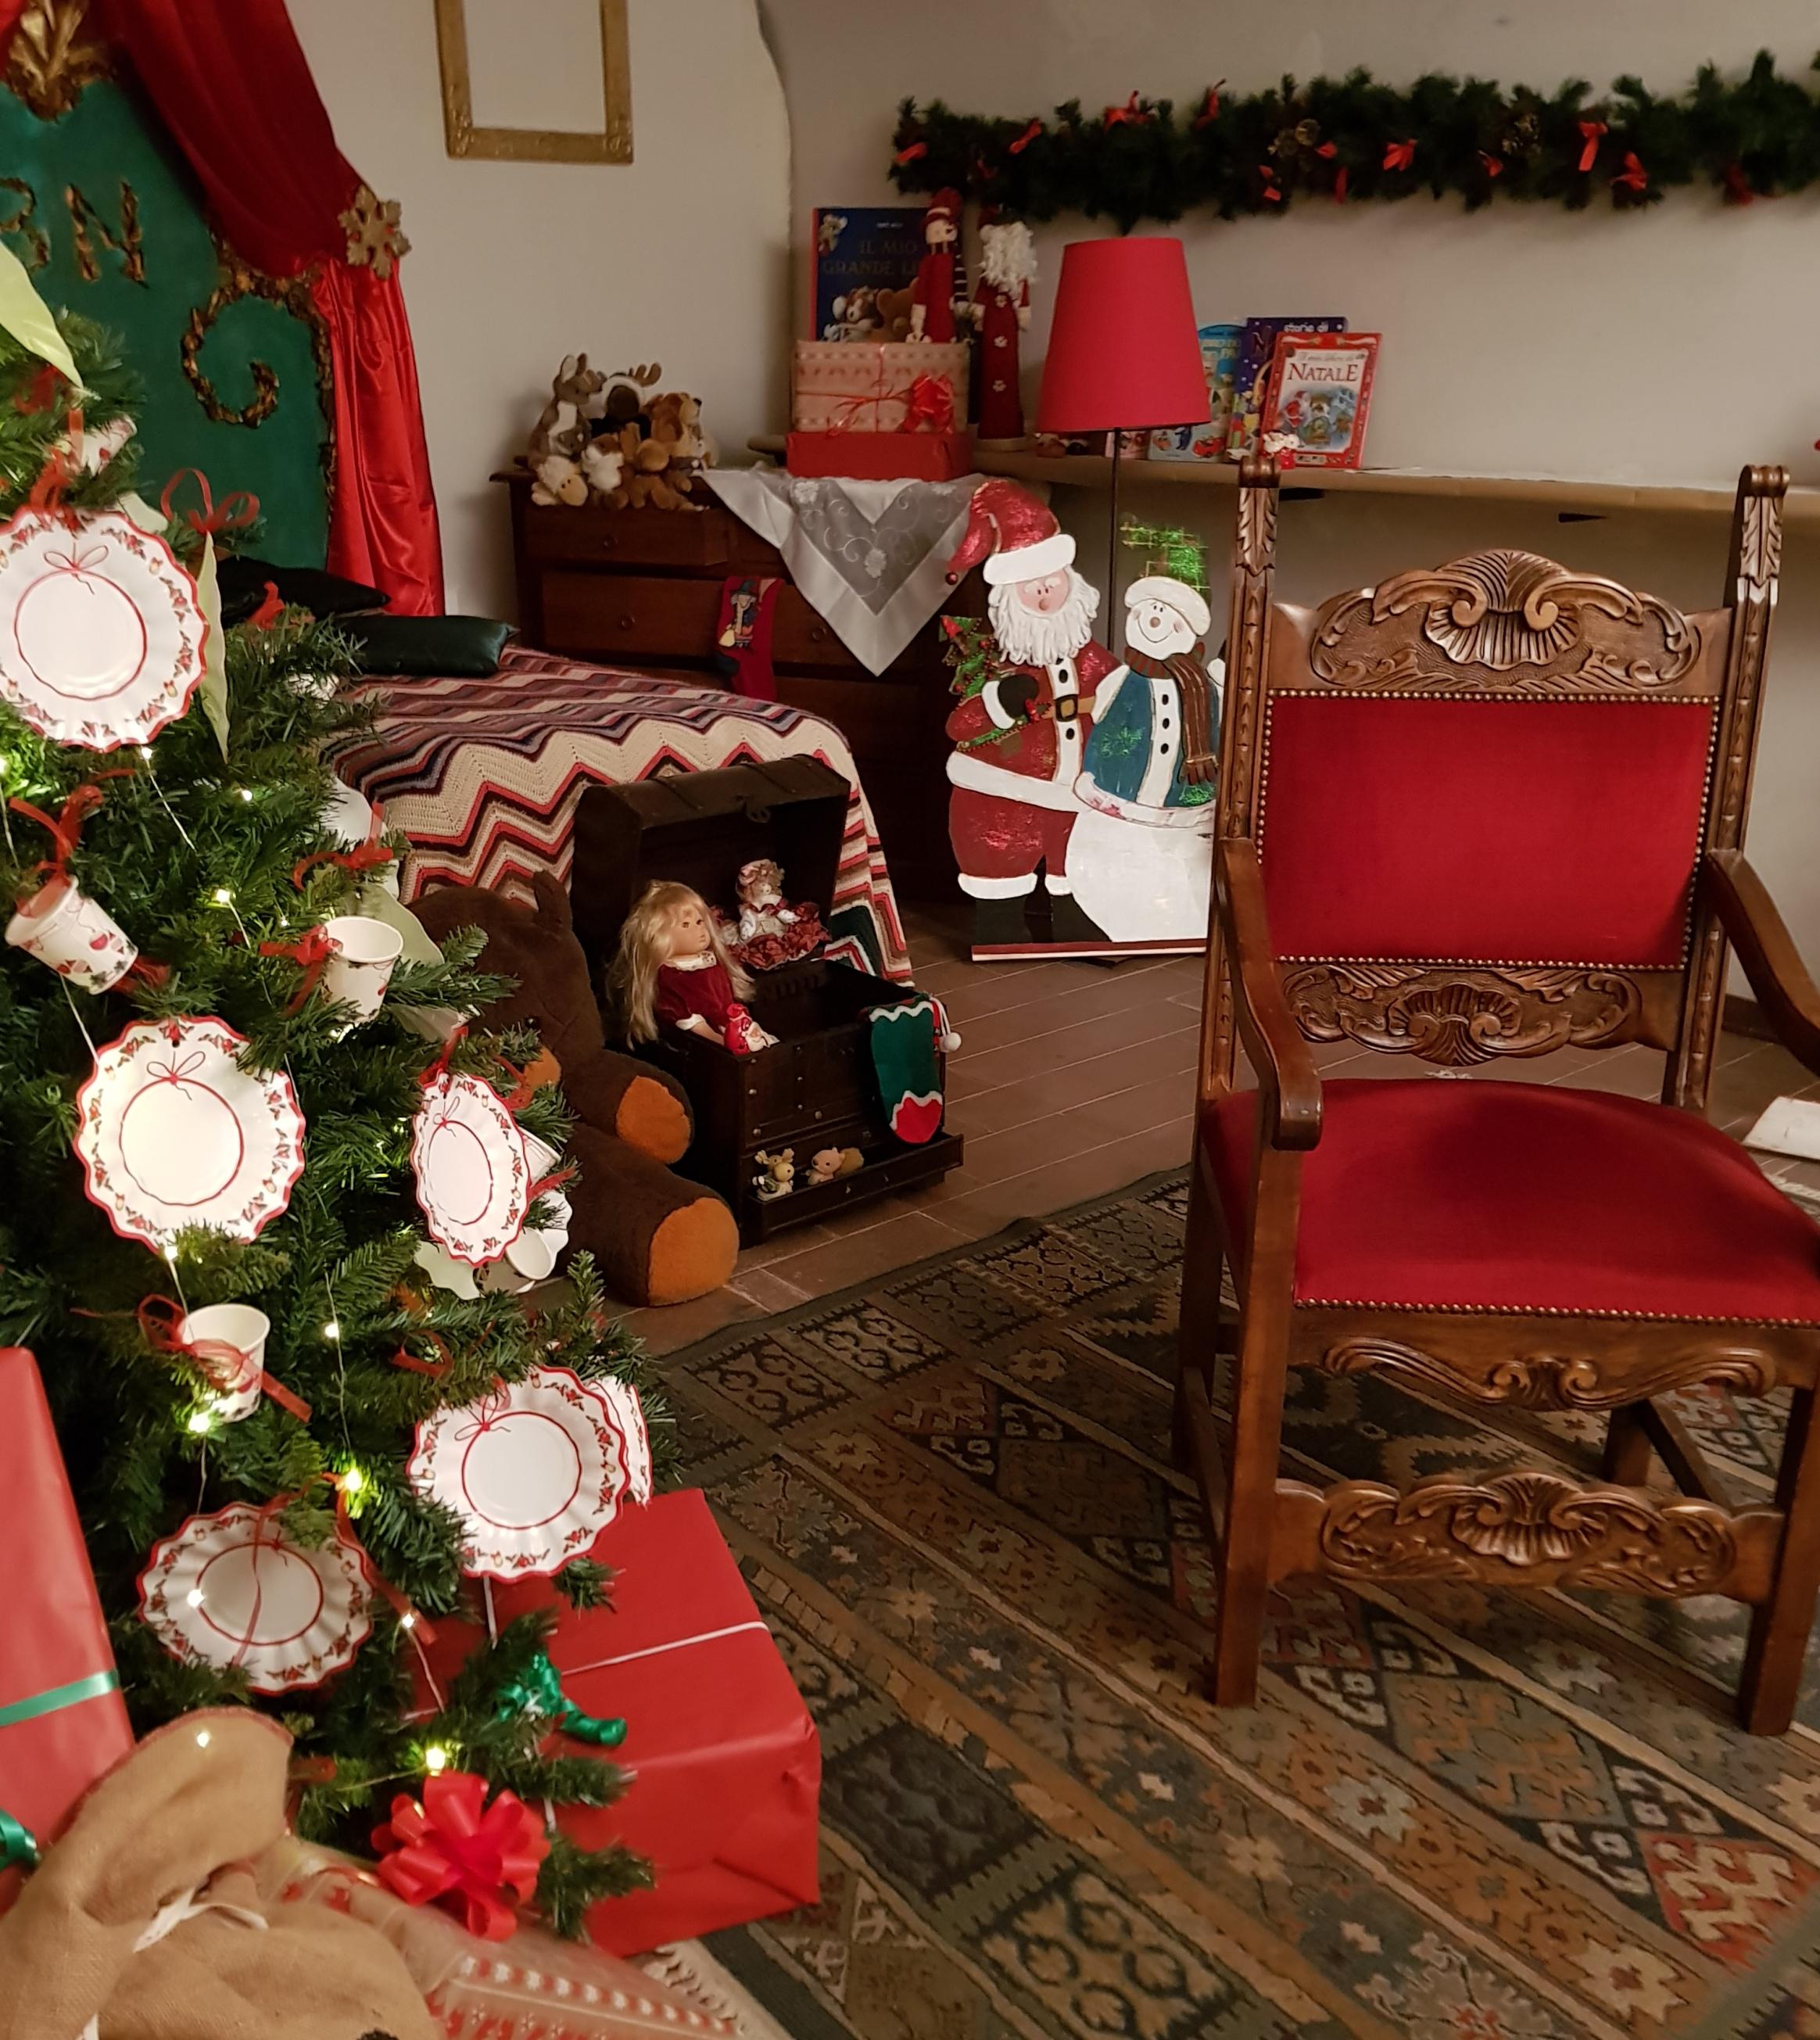 Immagini Del Villaggio Di Babbo Natale.Il Villaggio Di Babbo Natale Sbarca A Castel Del Piano